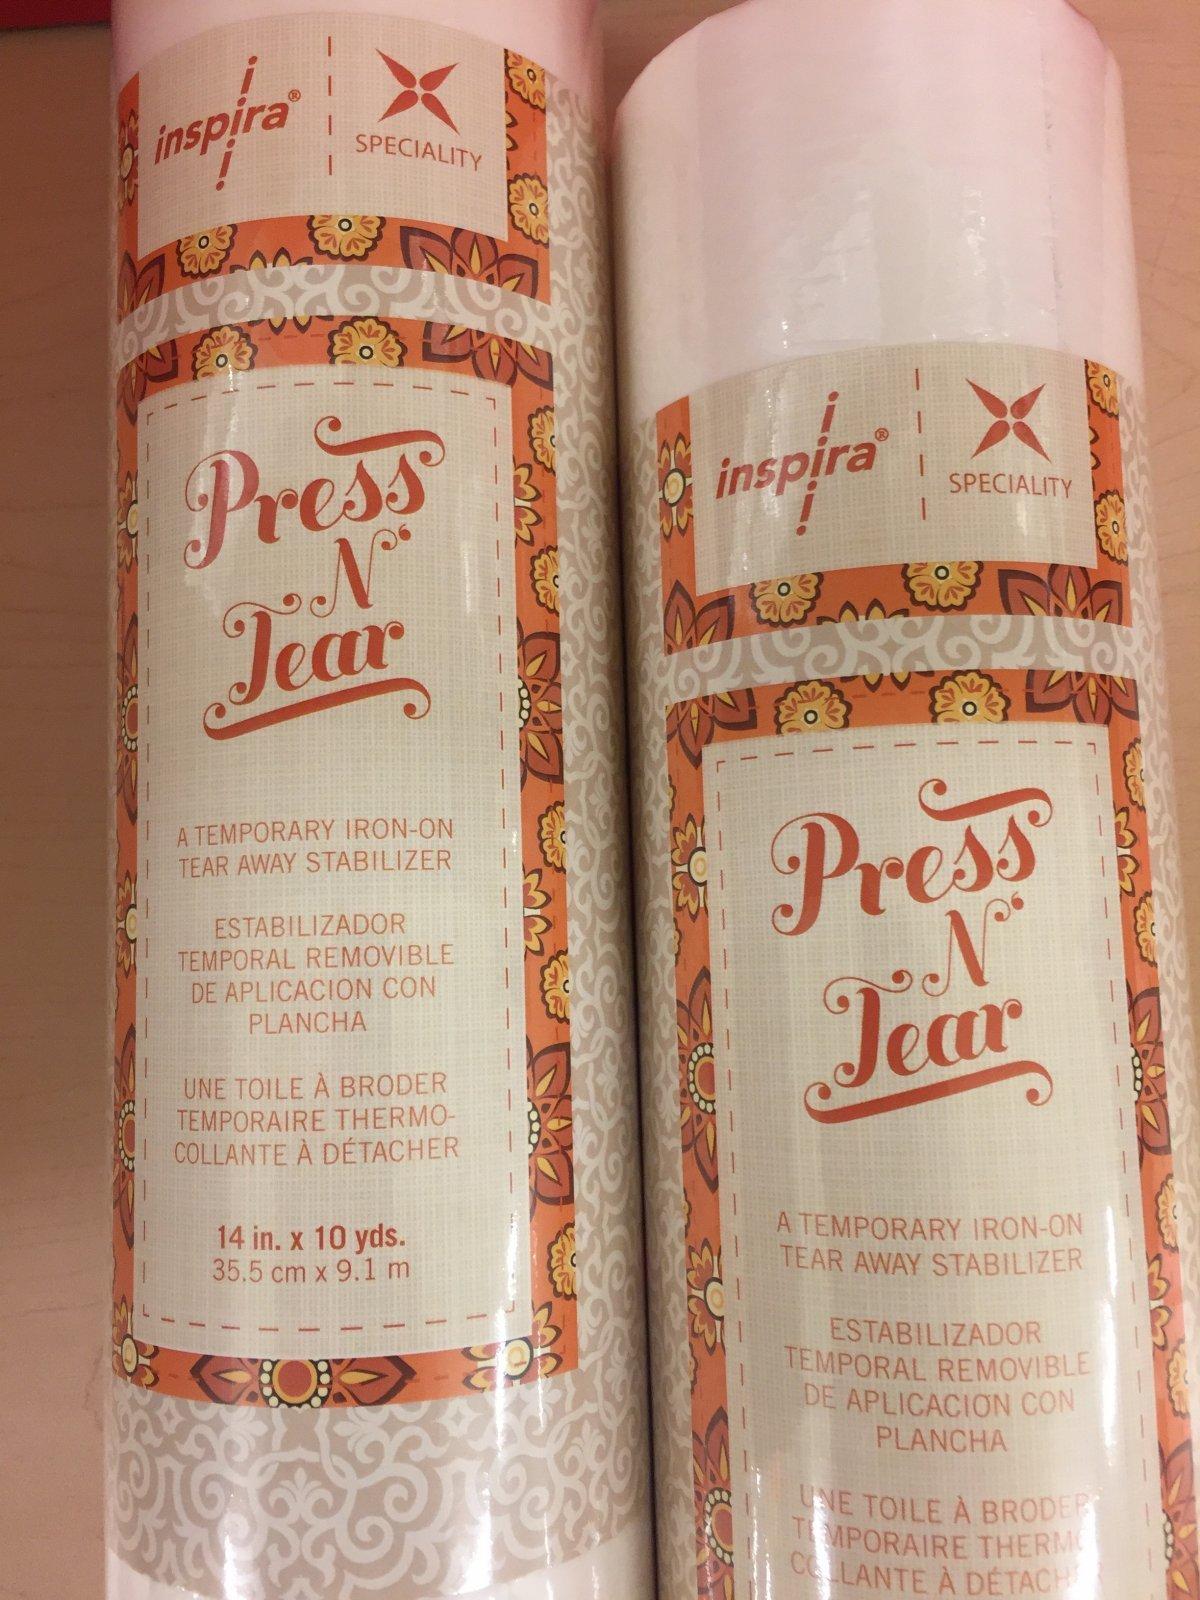 Press N Tear